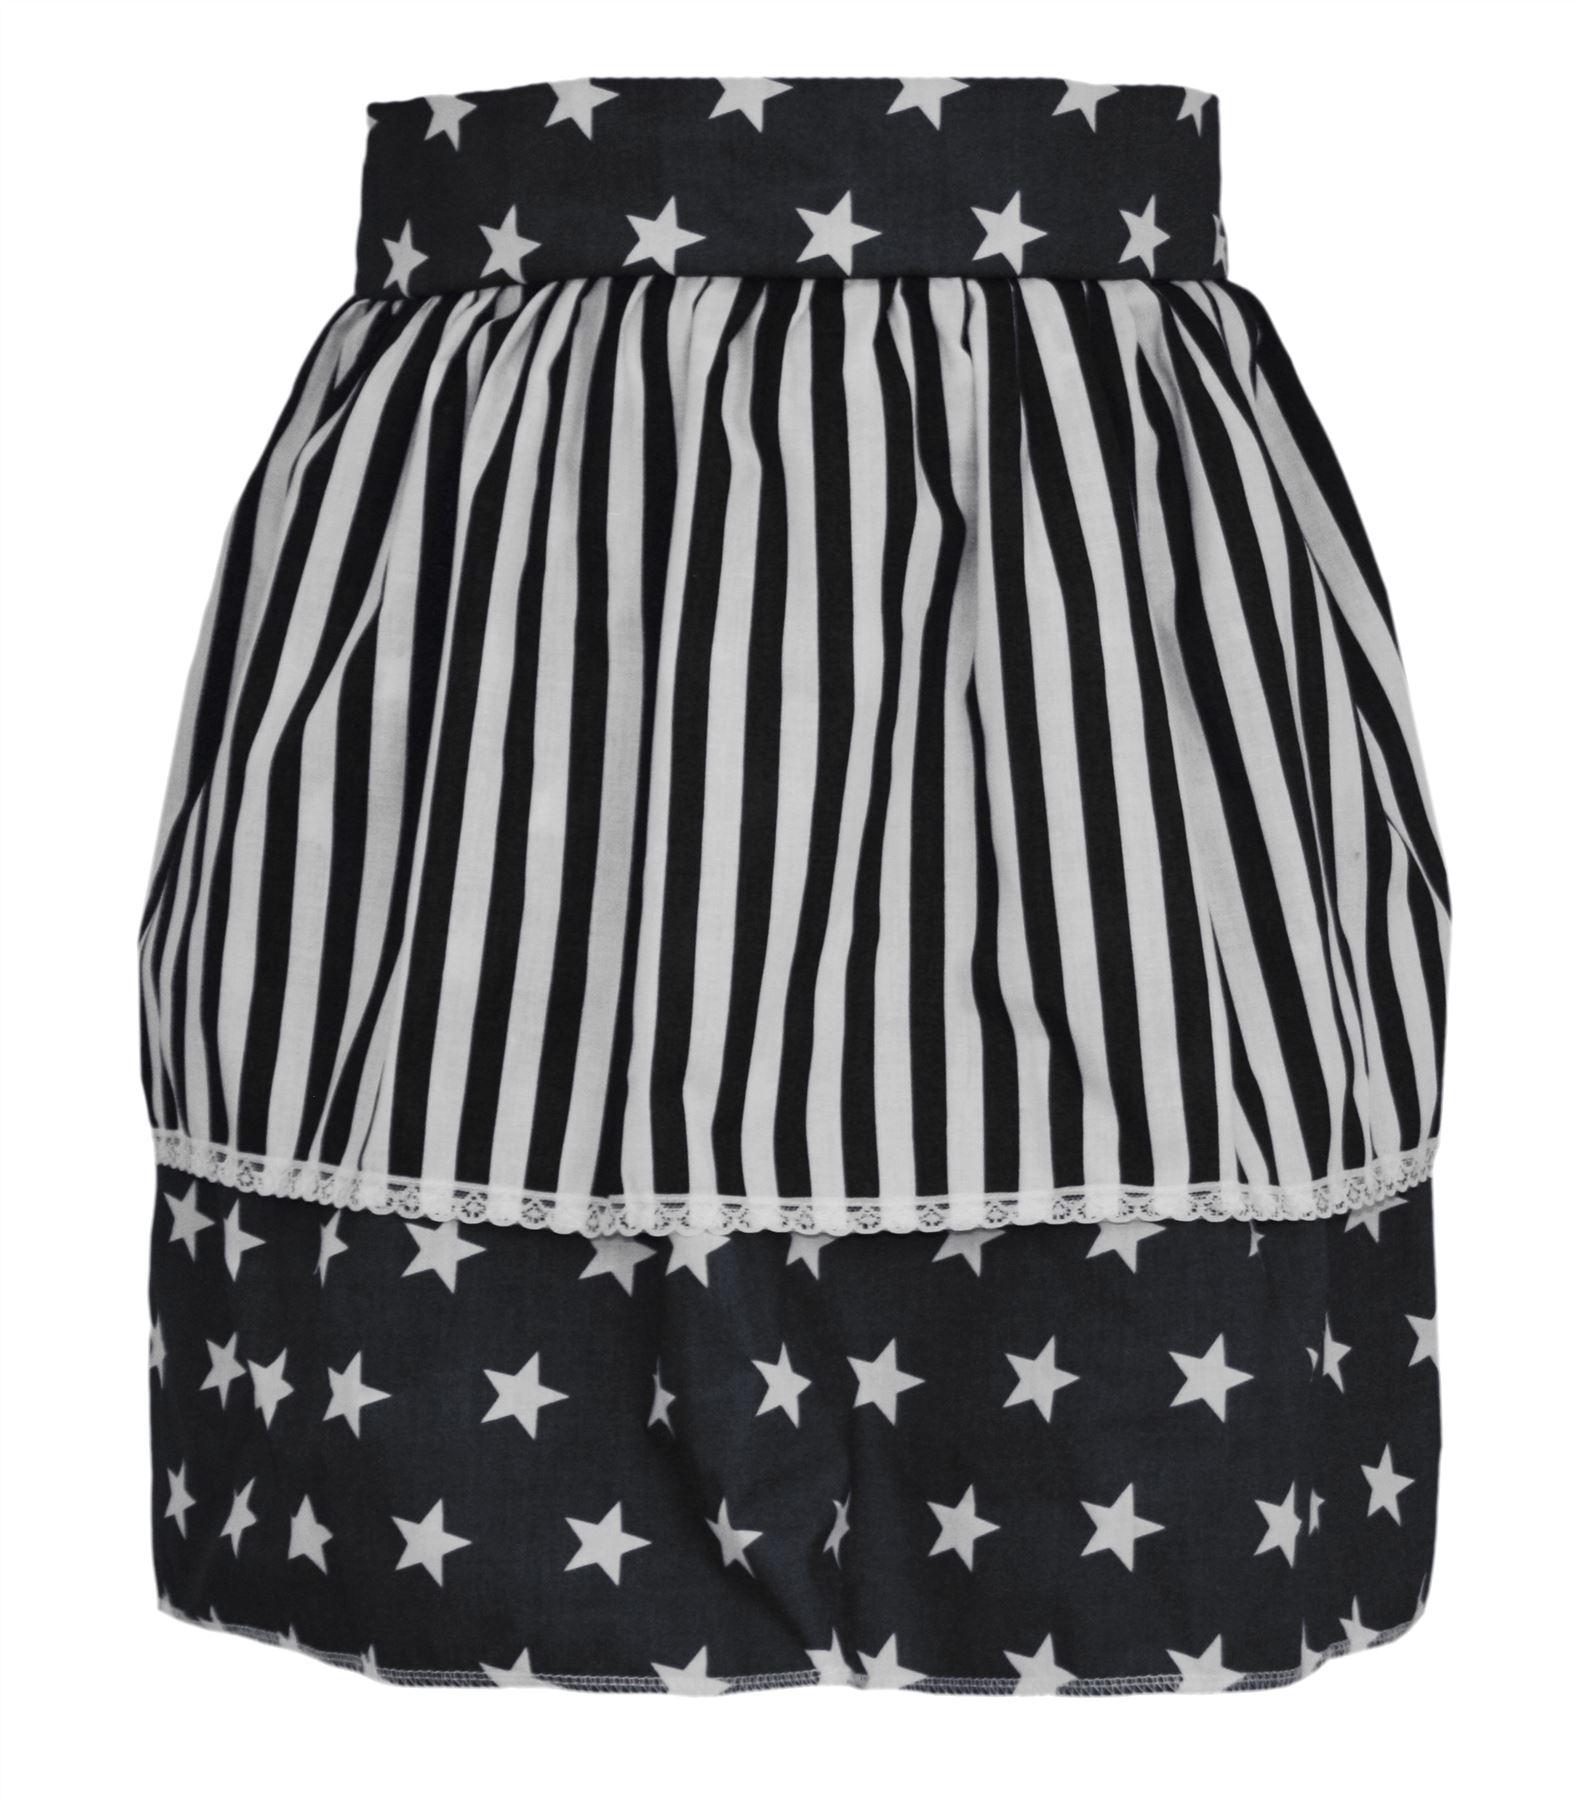 White apron fancy dress - Ladies Black Star Pinafore With White Stripe 50 S Apron Fancy Dress One Size